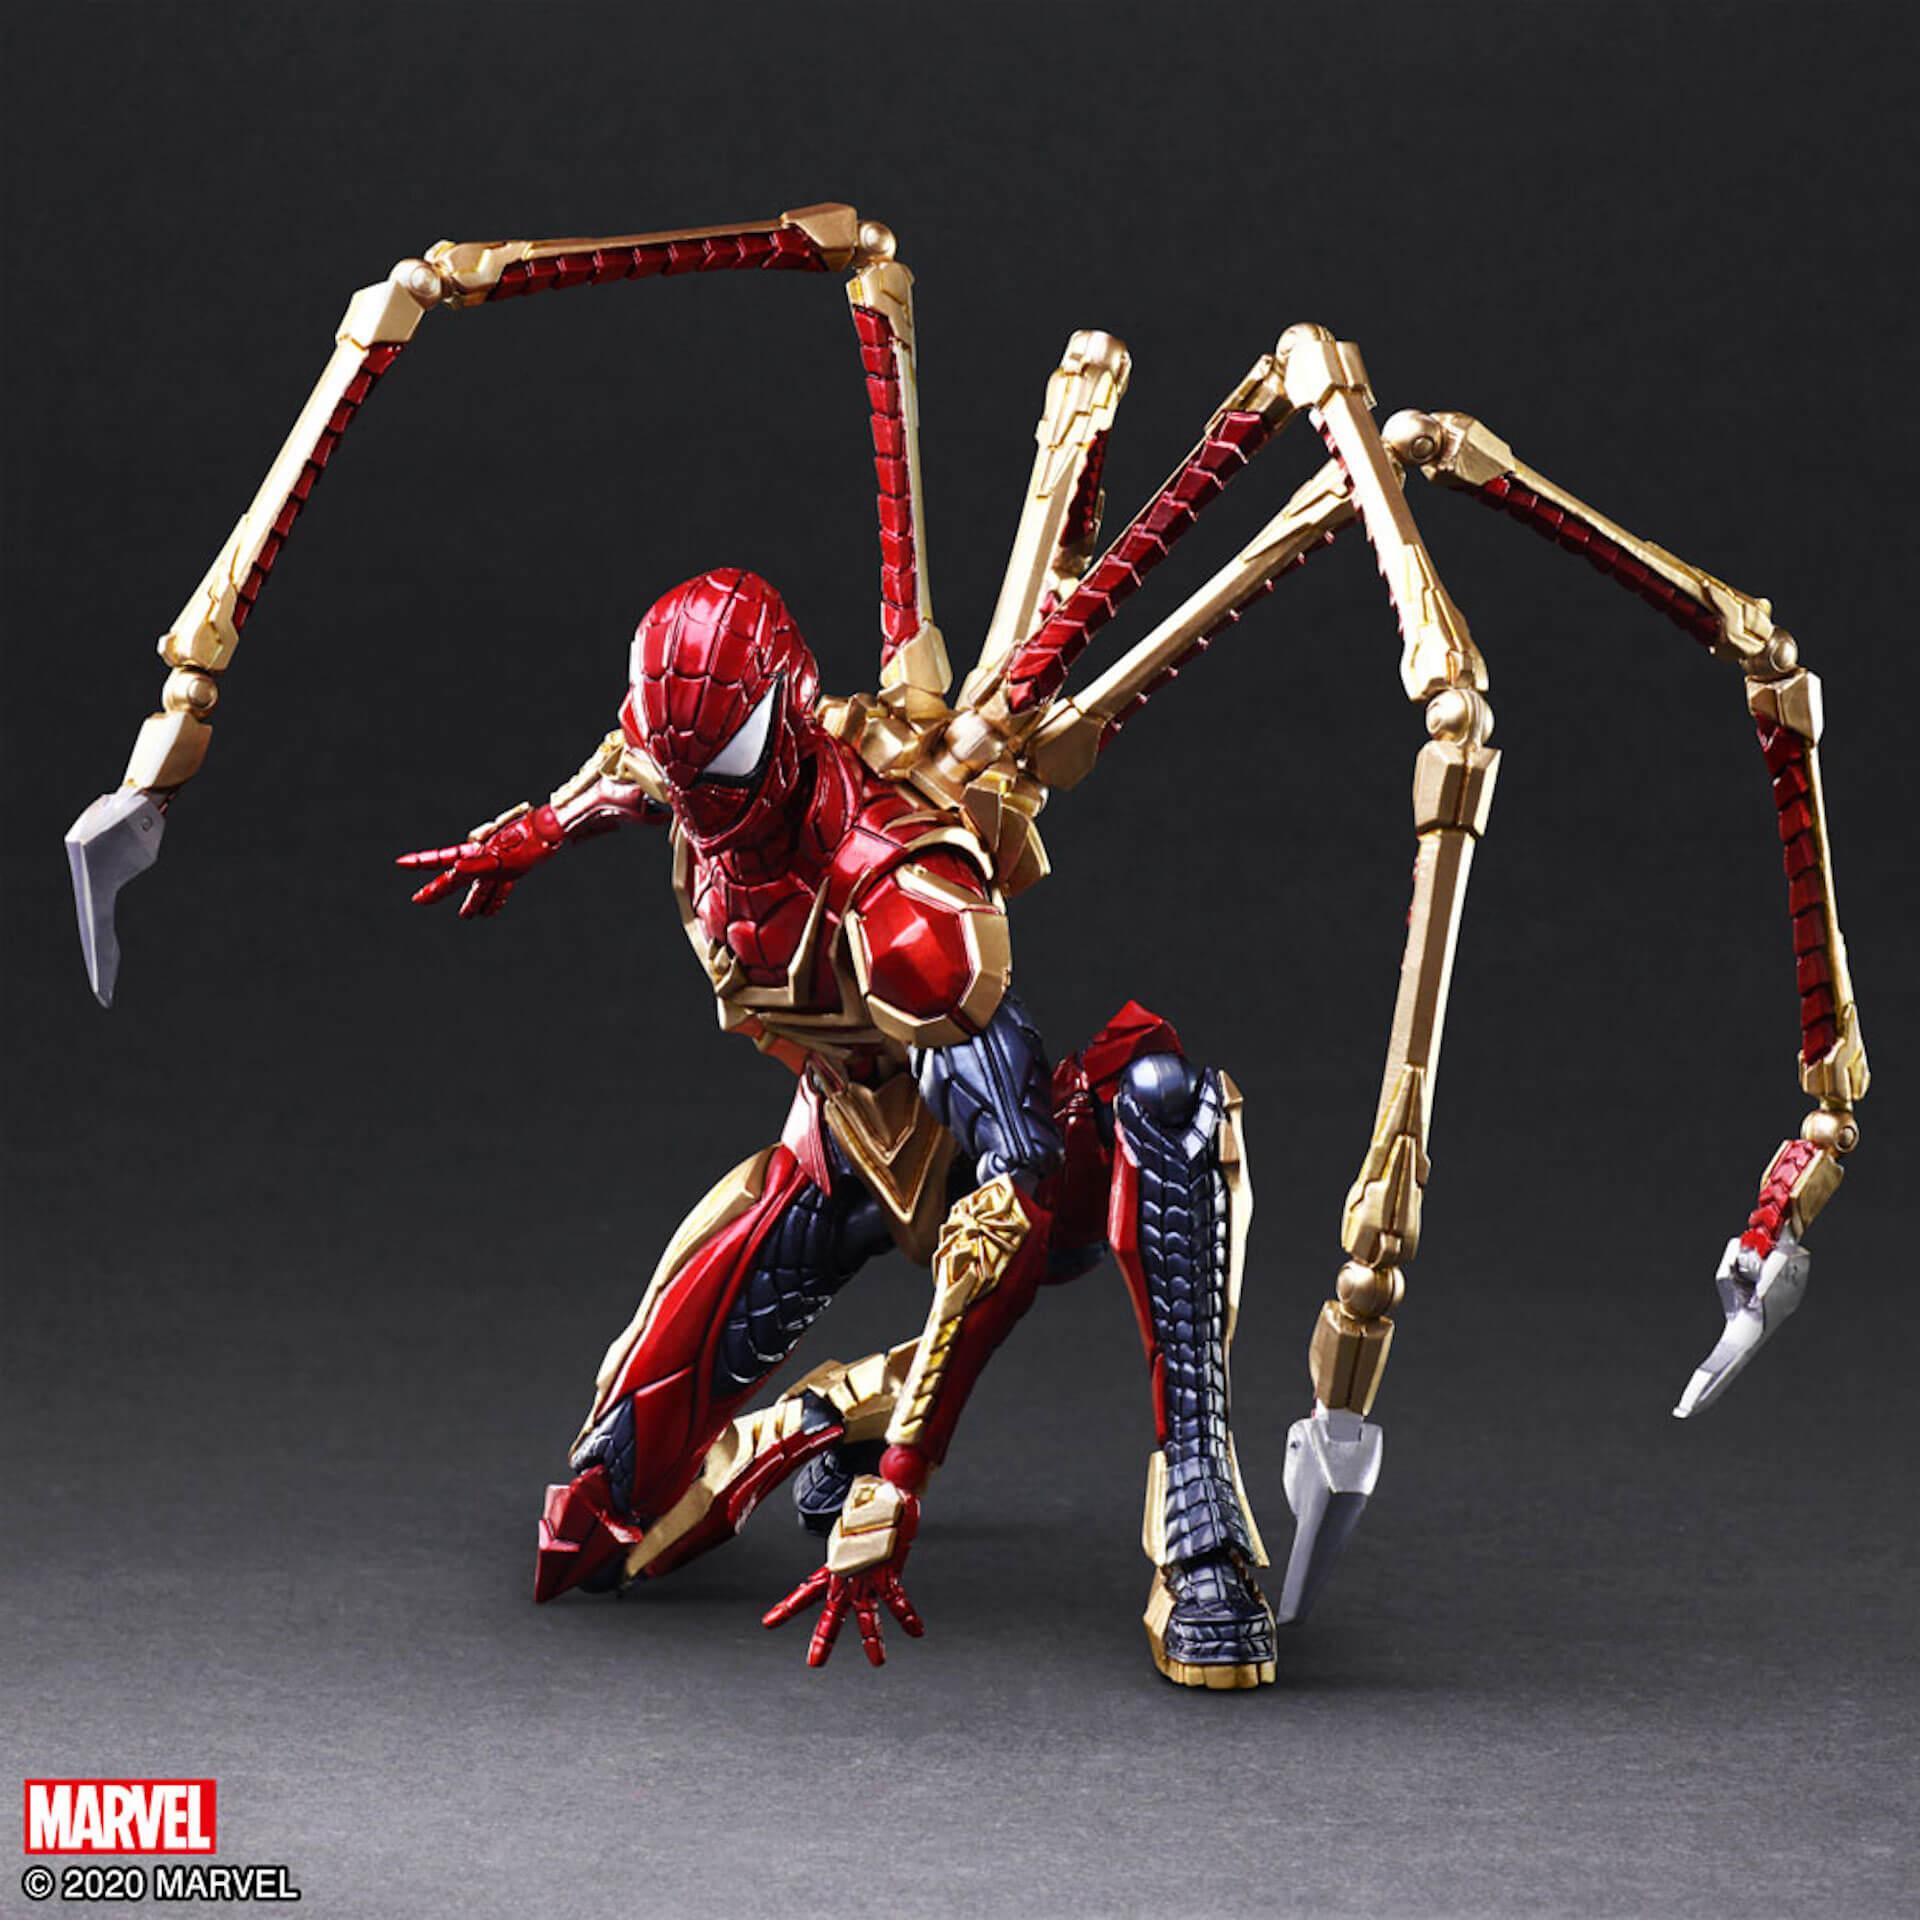 野村哲也デザインの『アイアンマン』『キャプテン・アメリカ』『スパイダーマン』フィギュアがスクウェア・エニックスのオンラインサイトで予約受付中! ac200702_marvel_nomuratesuya_20